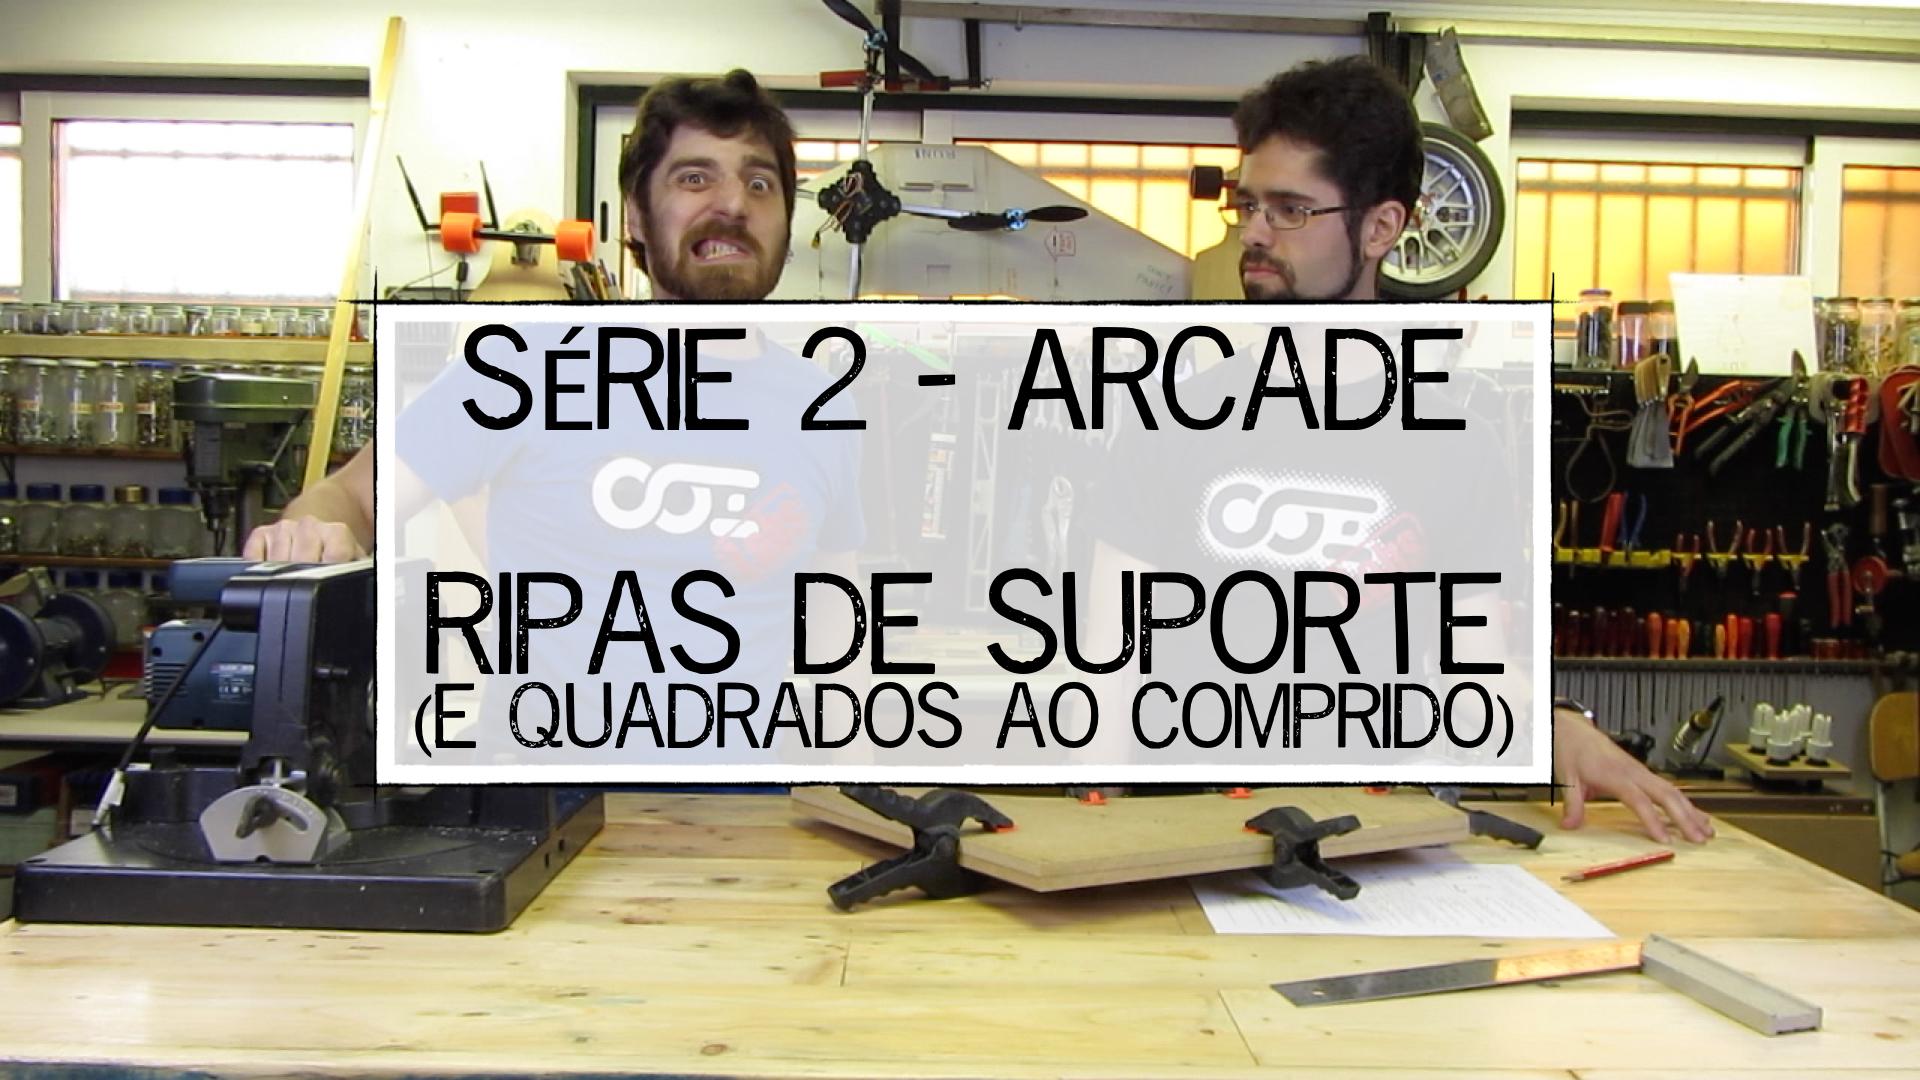 S02E04_-_Ripas_de_Suporte_e_Quadrados_ao_Comprido_-_Thumb